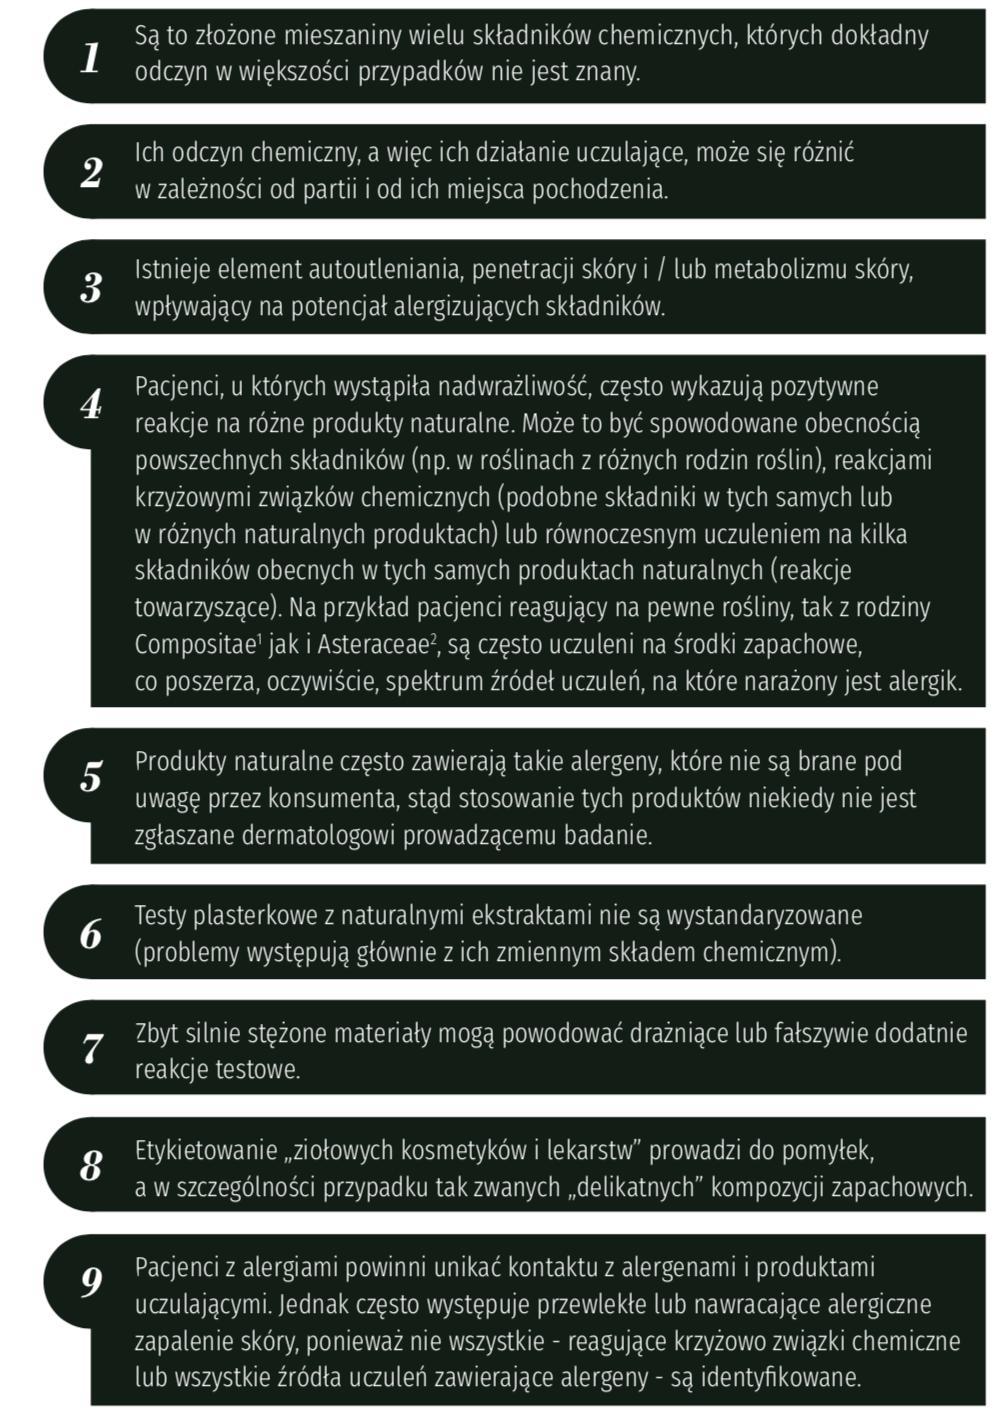 hipoalergiczni-an-goossens-MI